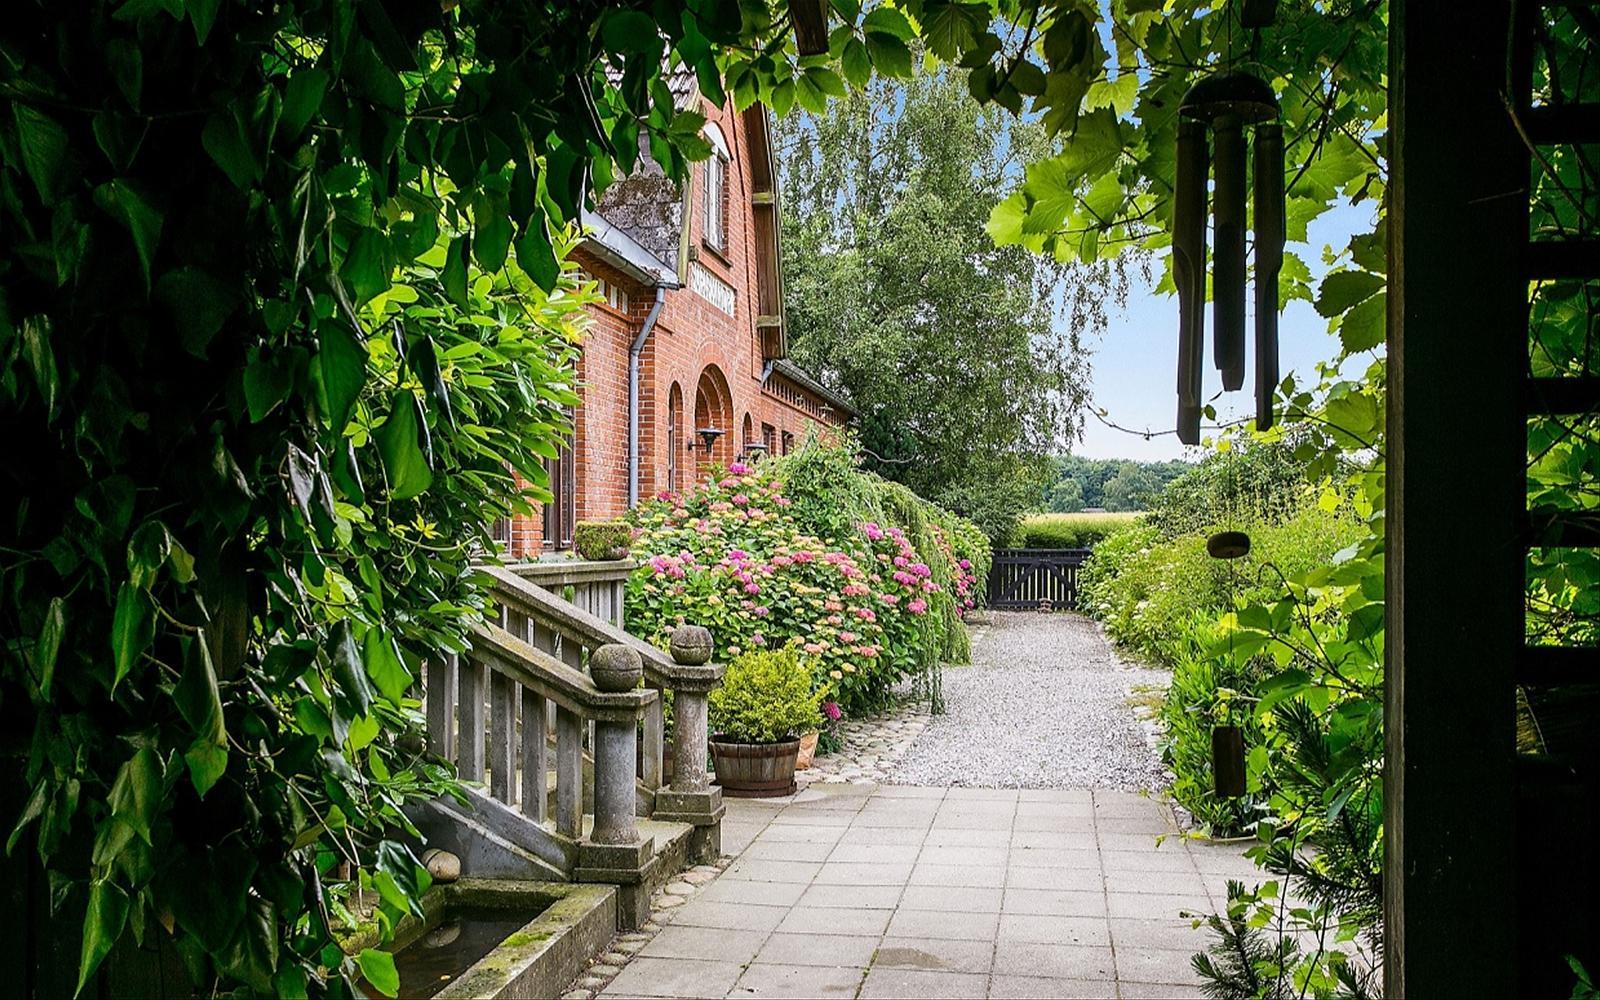 фото отмостка кирпичный дом крыльцо клумбы